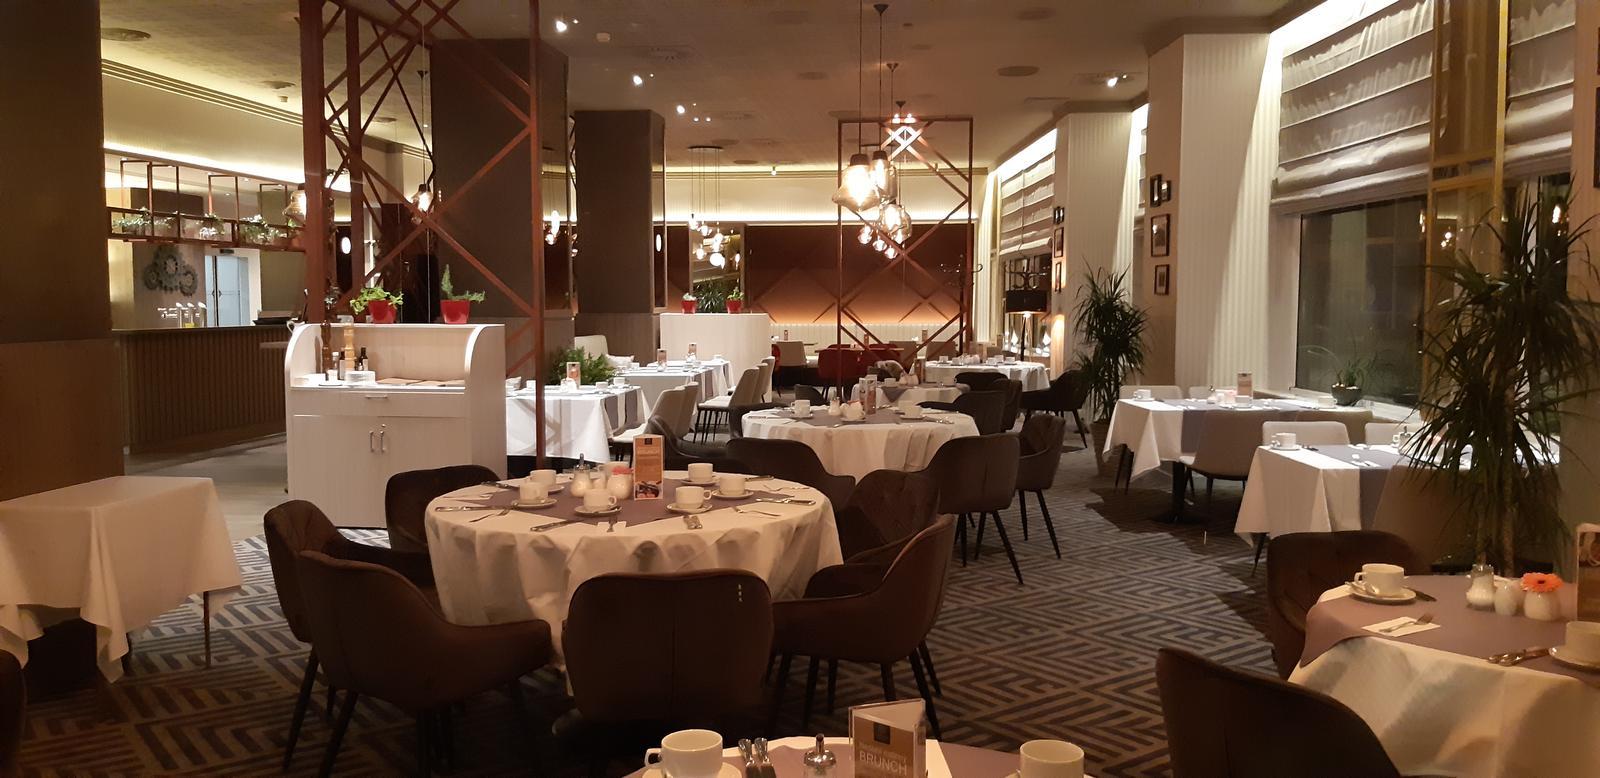 Komerčné priesotry - Hotel Imperial Ostrava - reštaurácia